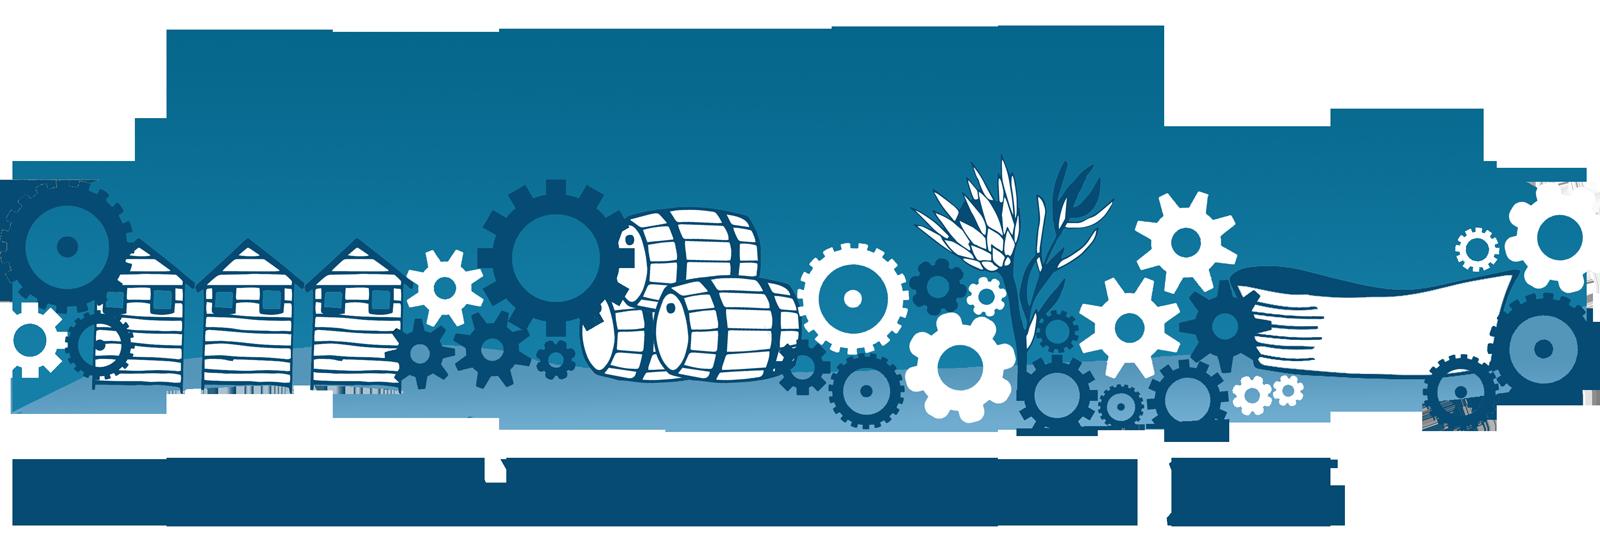 devopsdays Cape Town 2016